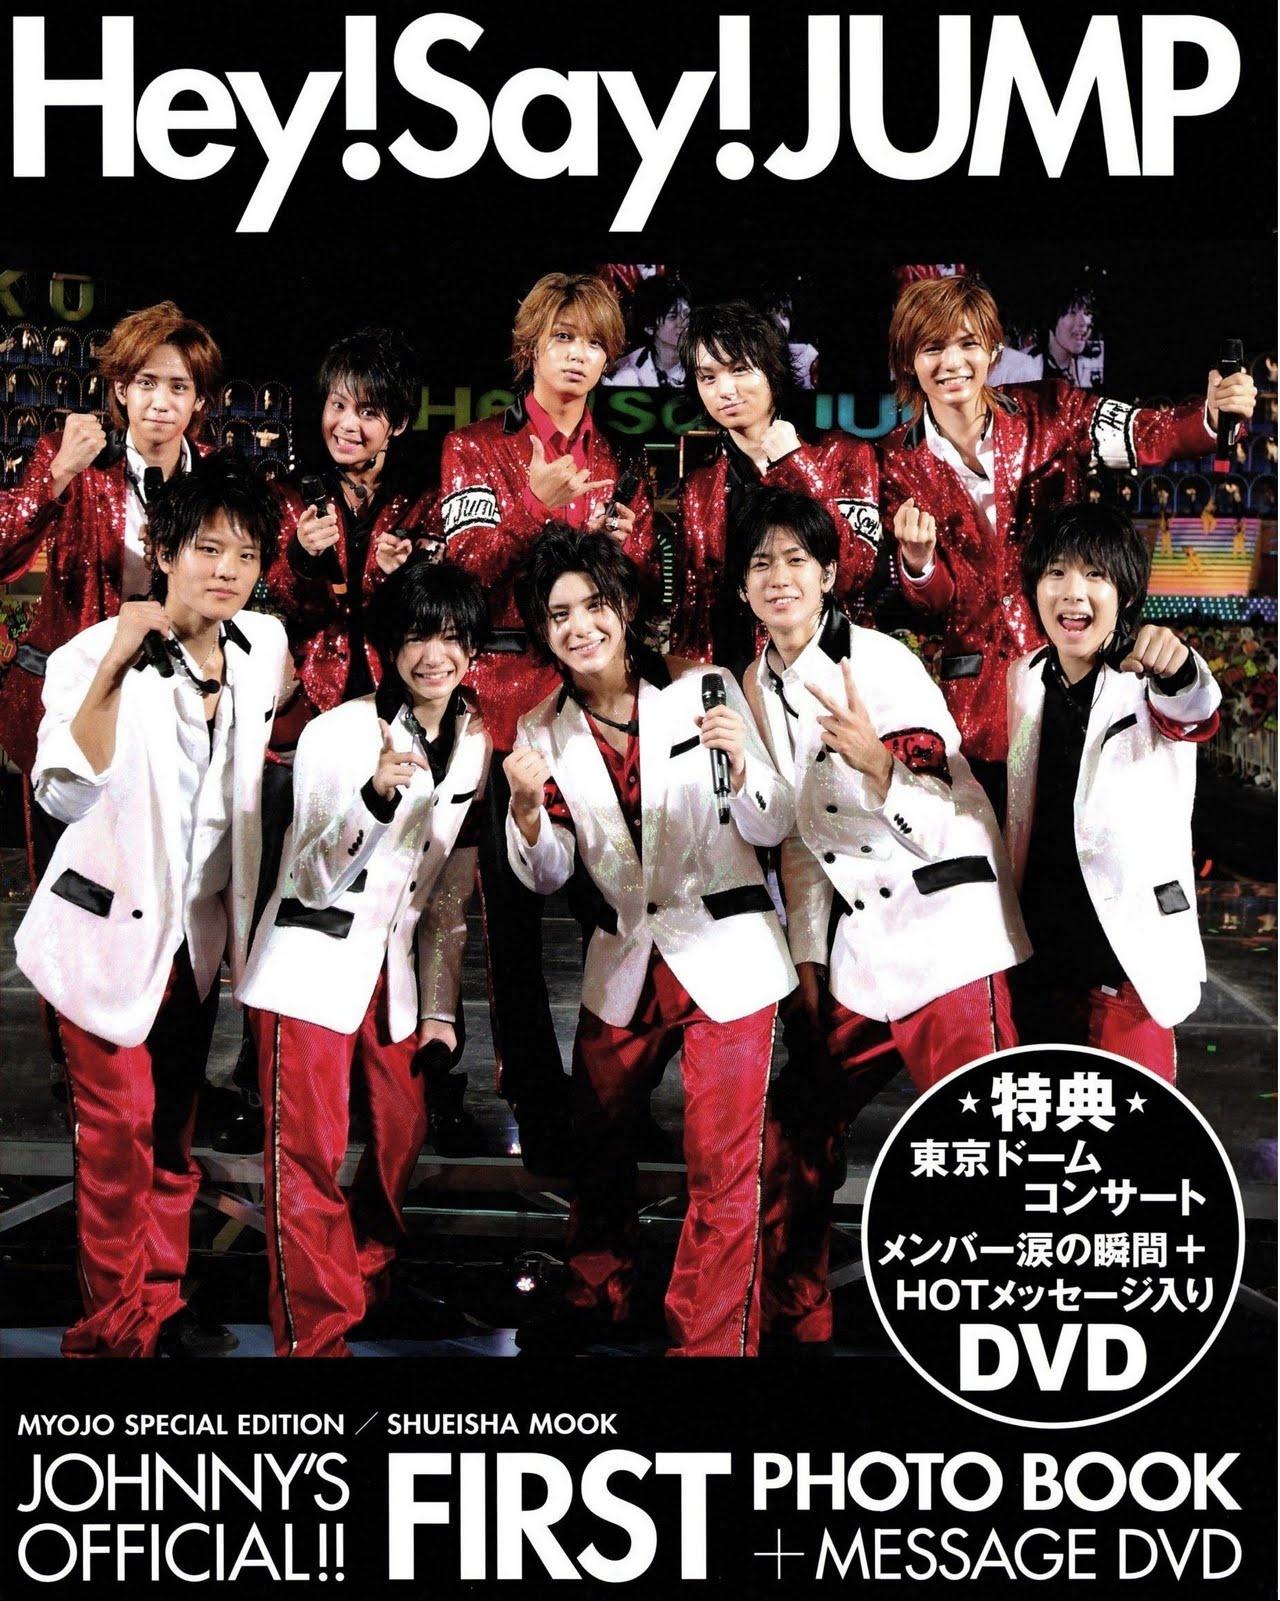 2008.02.17 Hey!say!jump